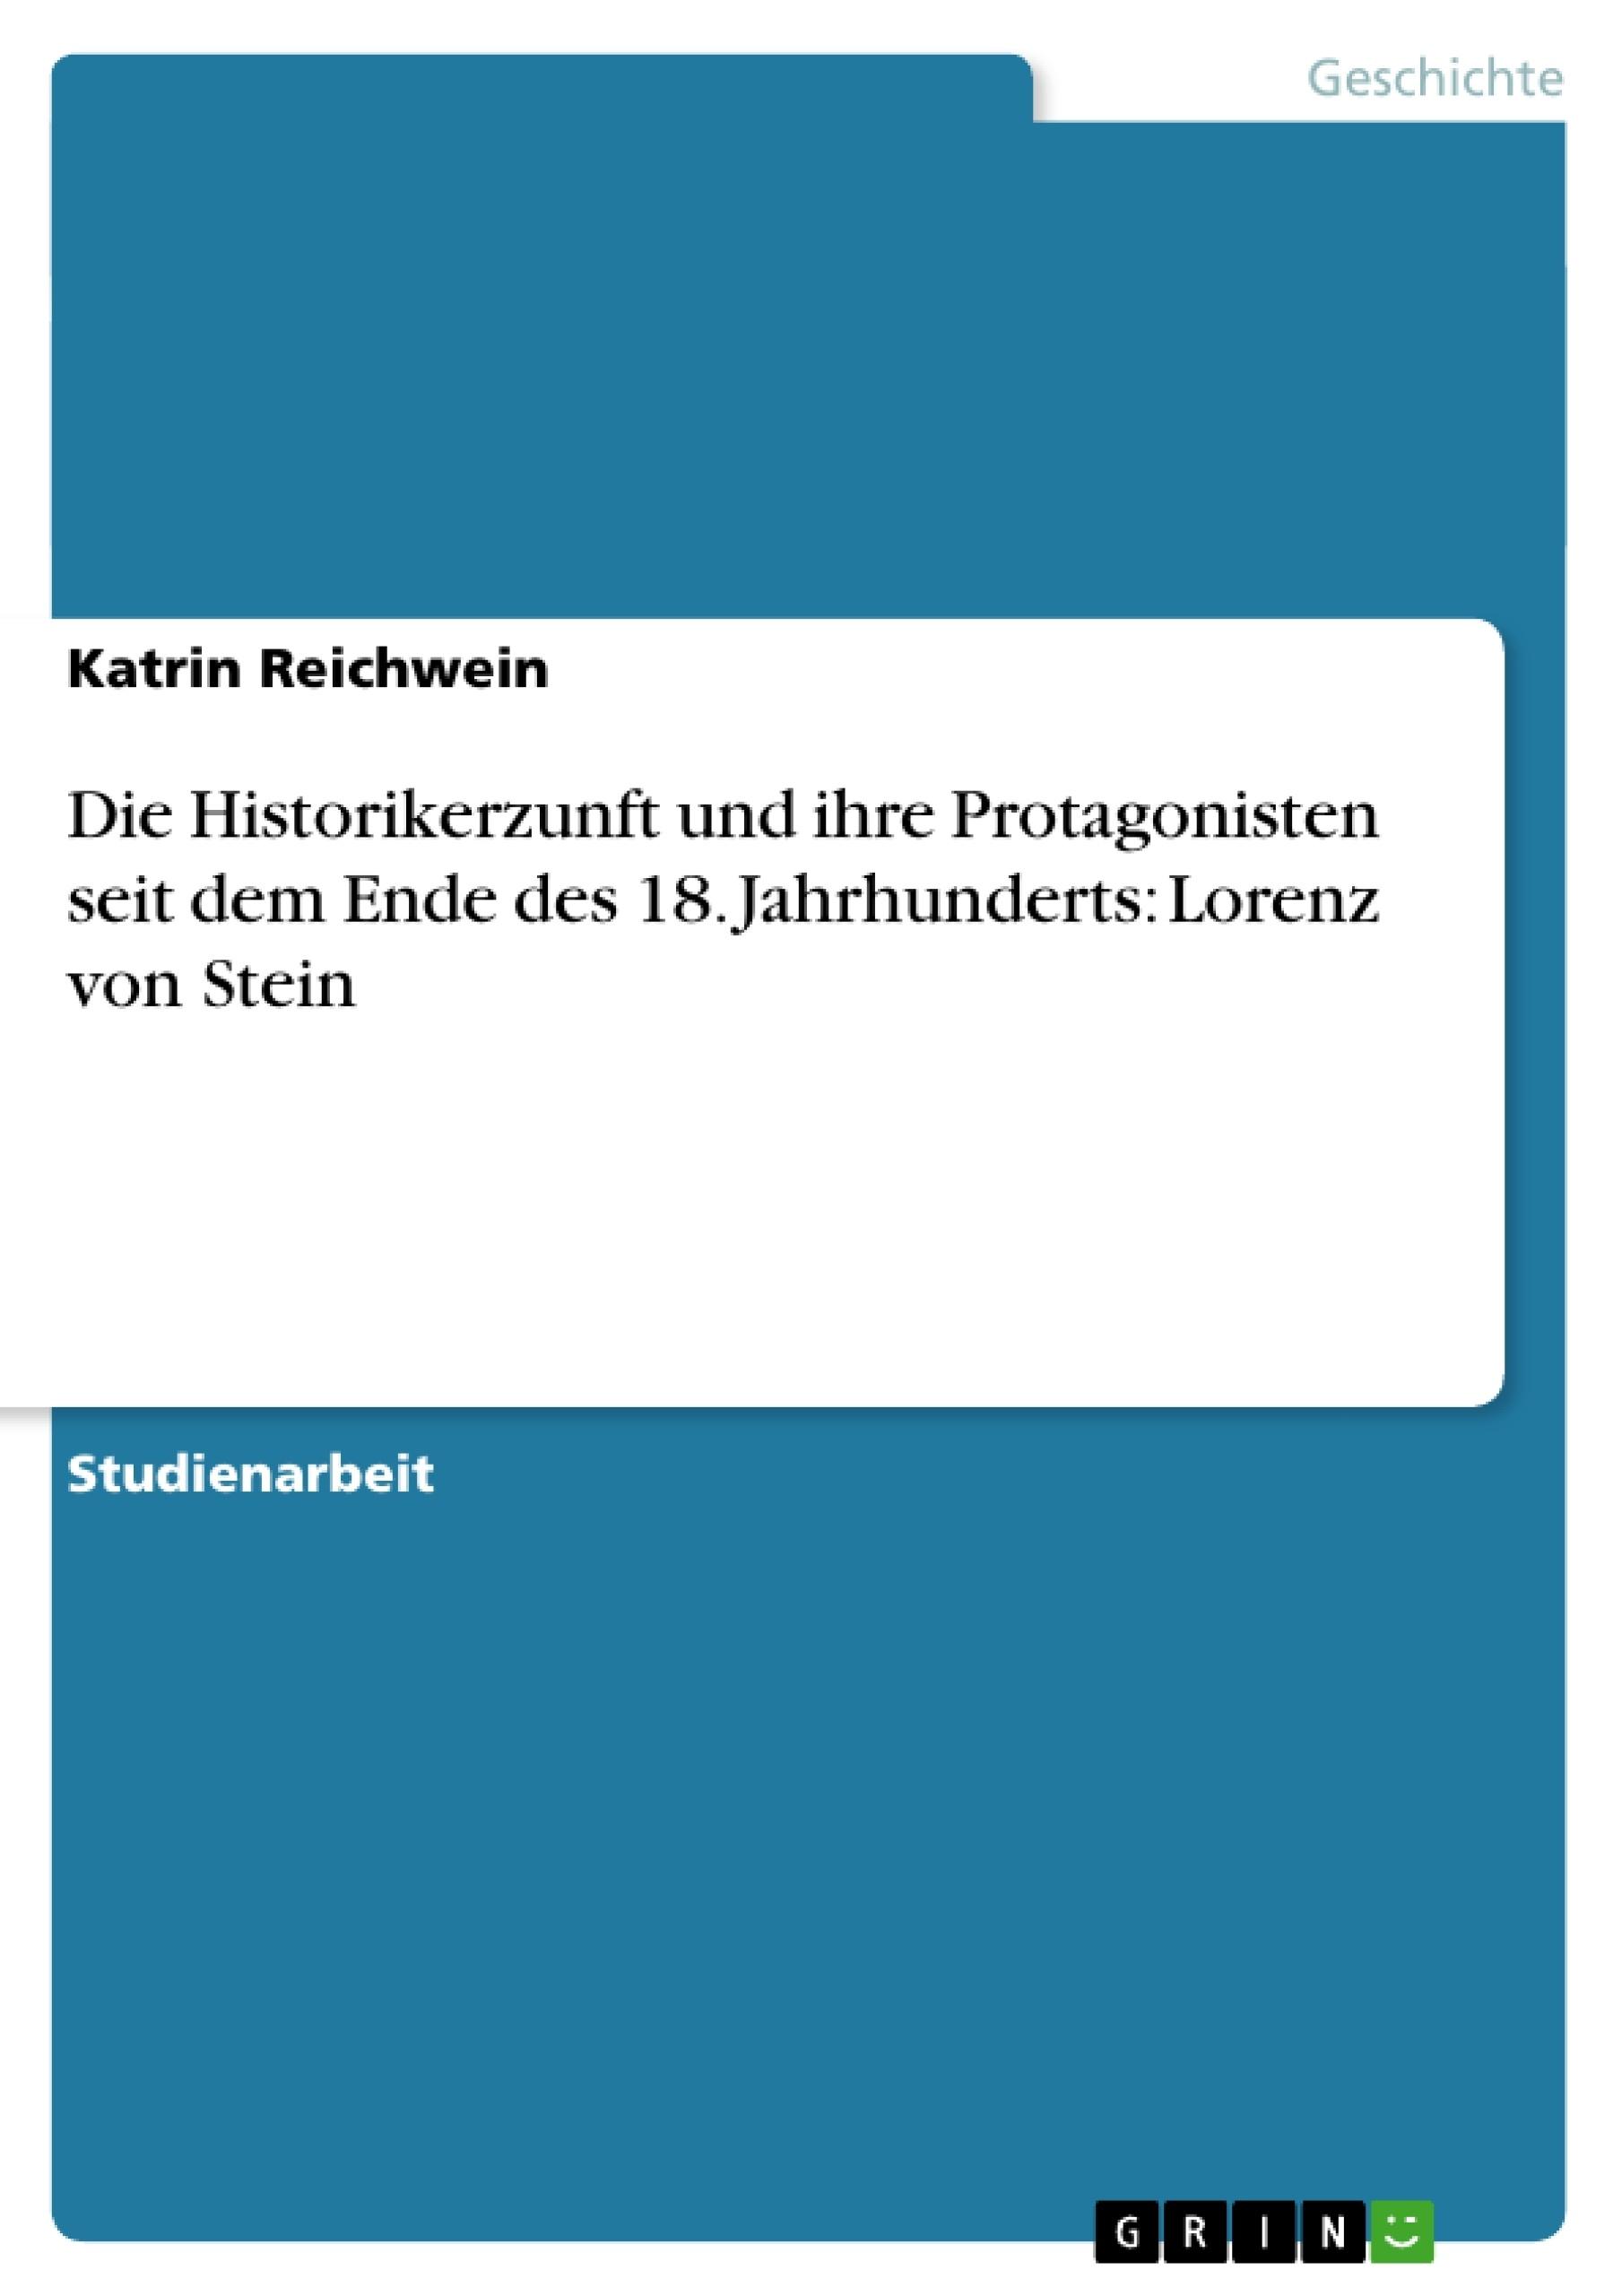 Titel: Die Historikerzunft und ihre Protagonisten seit dem Ende des 18. Jahrhunderts: Lorenz von Stein